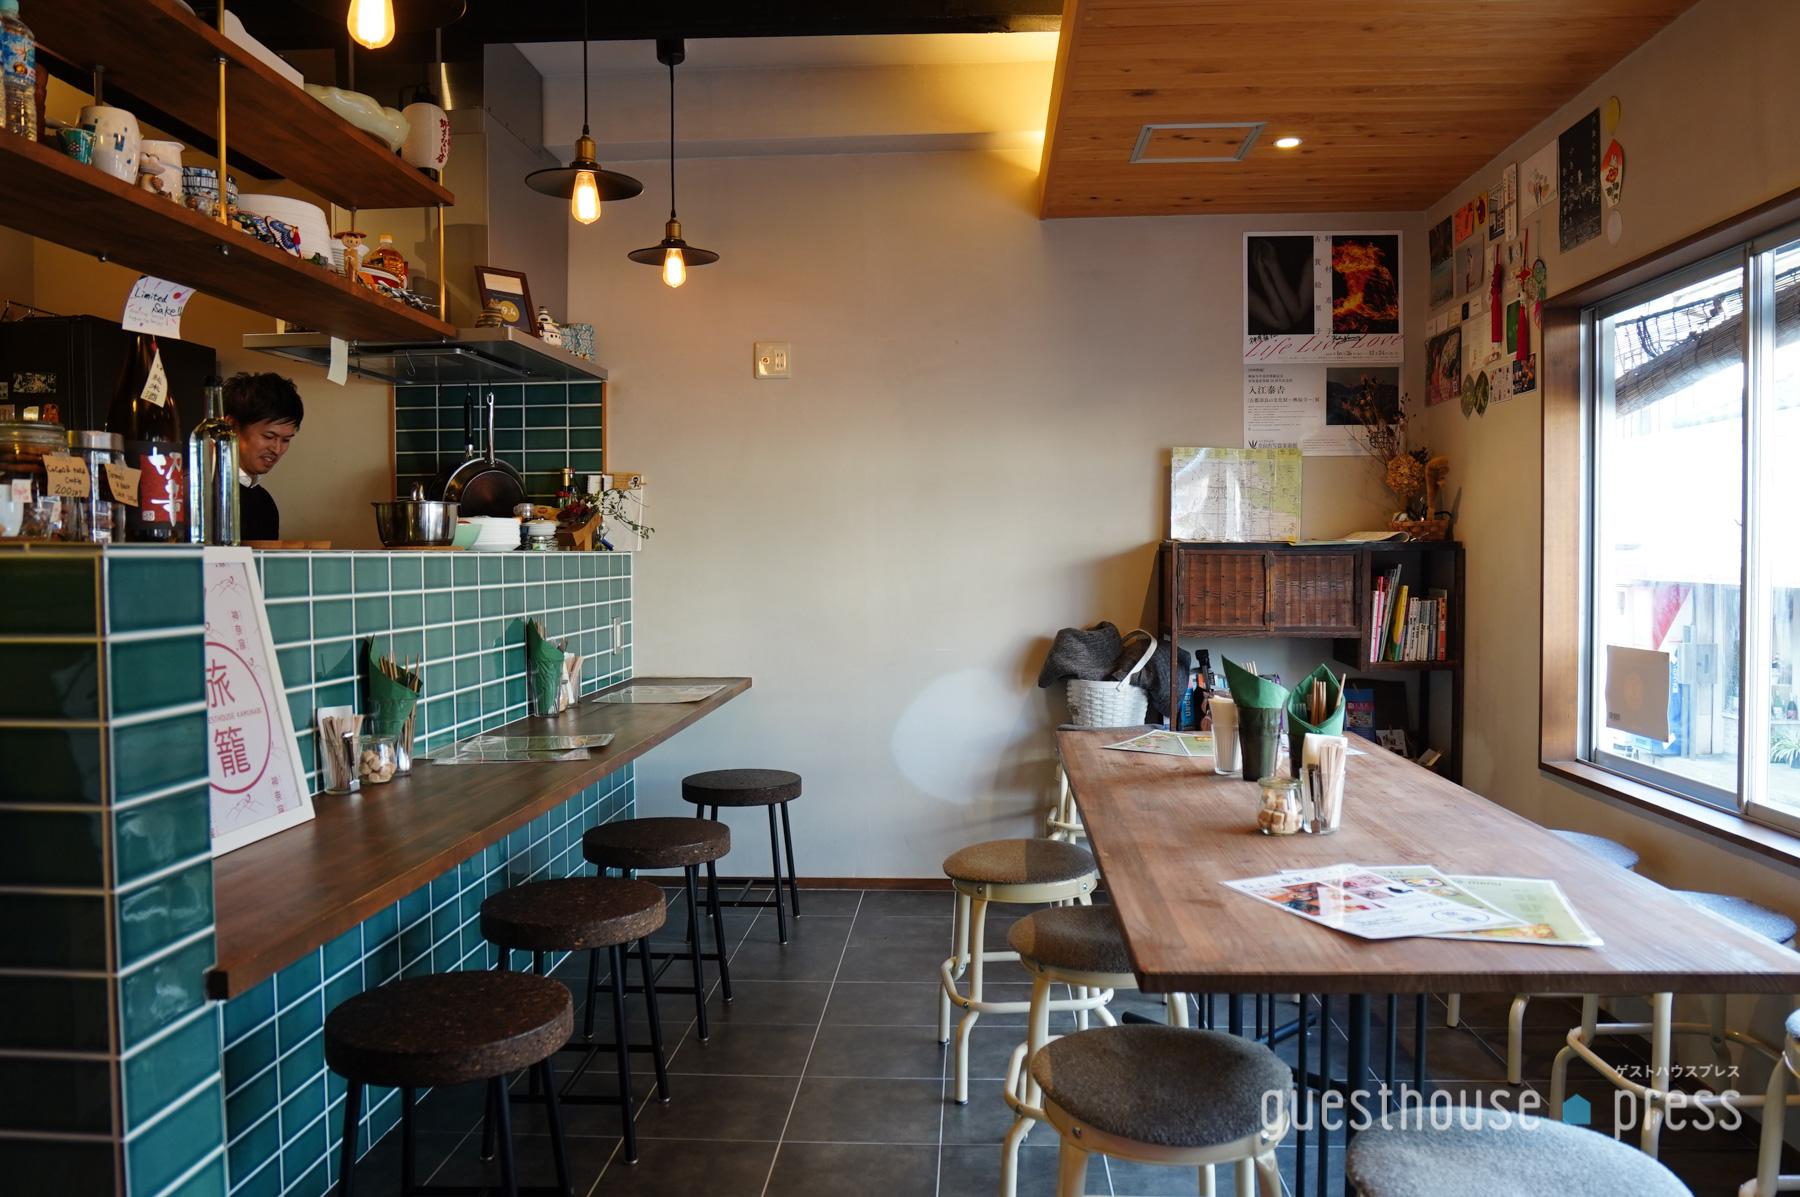 オシャレで居心地のよいカフェやバー併設のゲストハウスが増えたのもここ5〜6年の傾向(Photo:奈良ゲストハウス神奈寐かむなび)